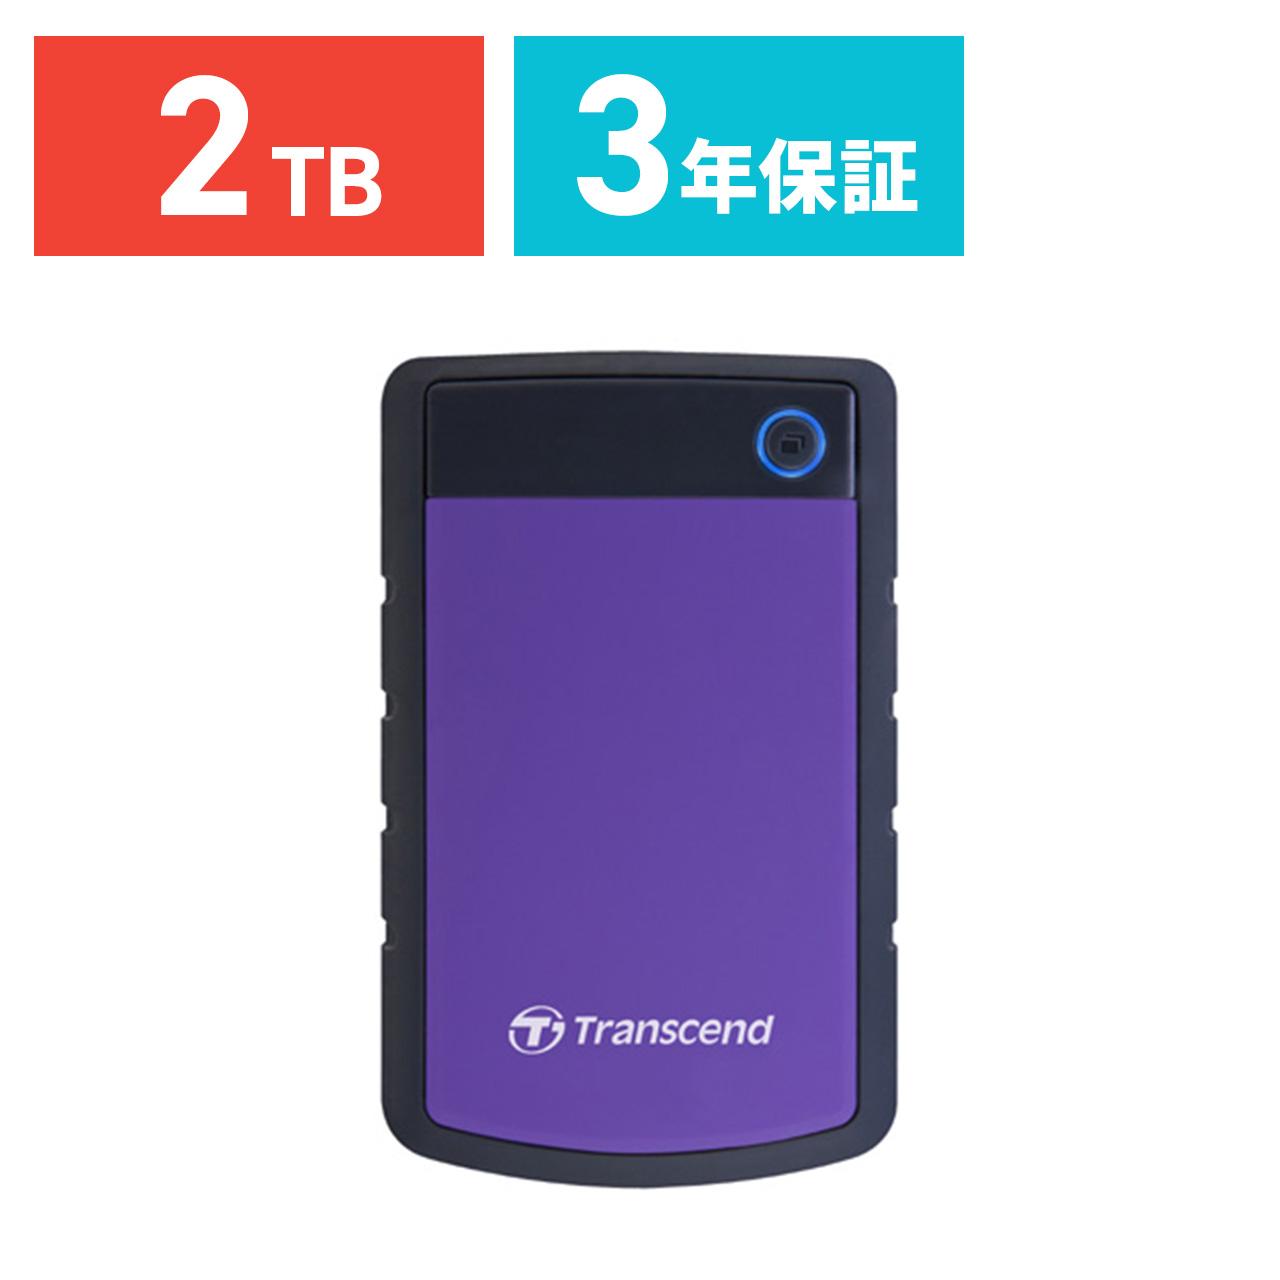 Transcend ポータブルHDD 2TB StoreJet 25H3P USB3.0 耐衝撃 シリコンアウターケース ハードディスク 外付けHDD ポータブルハードディスク[TS2TSJ25H3P]【送料無料】